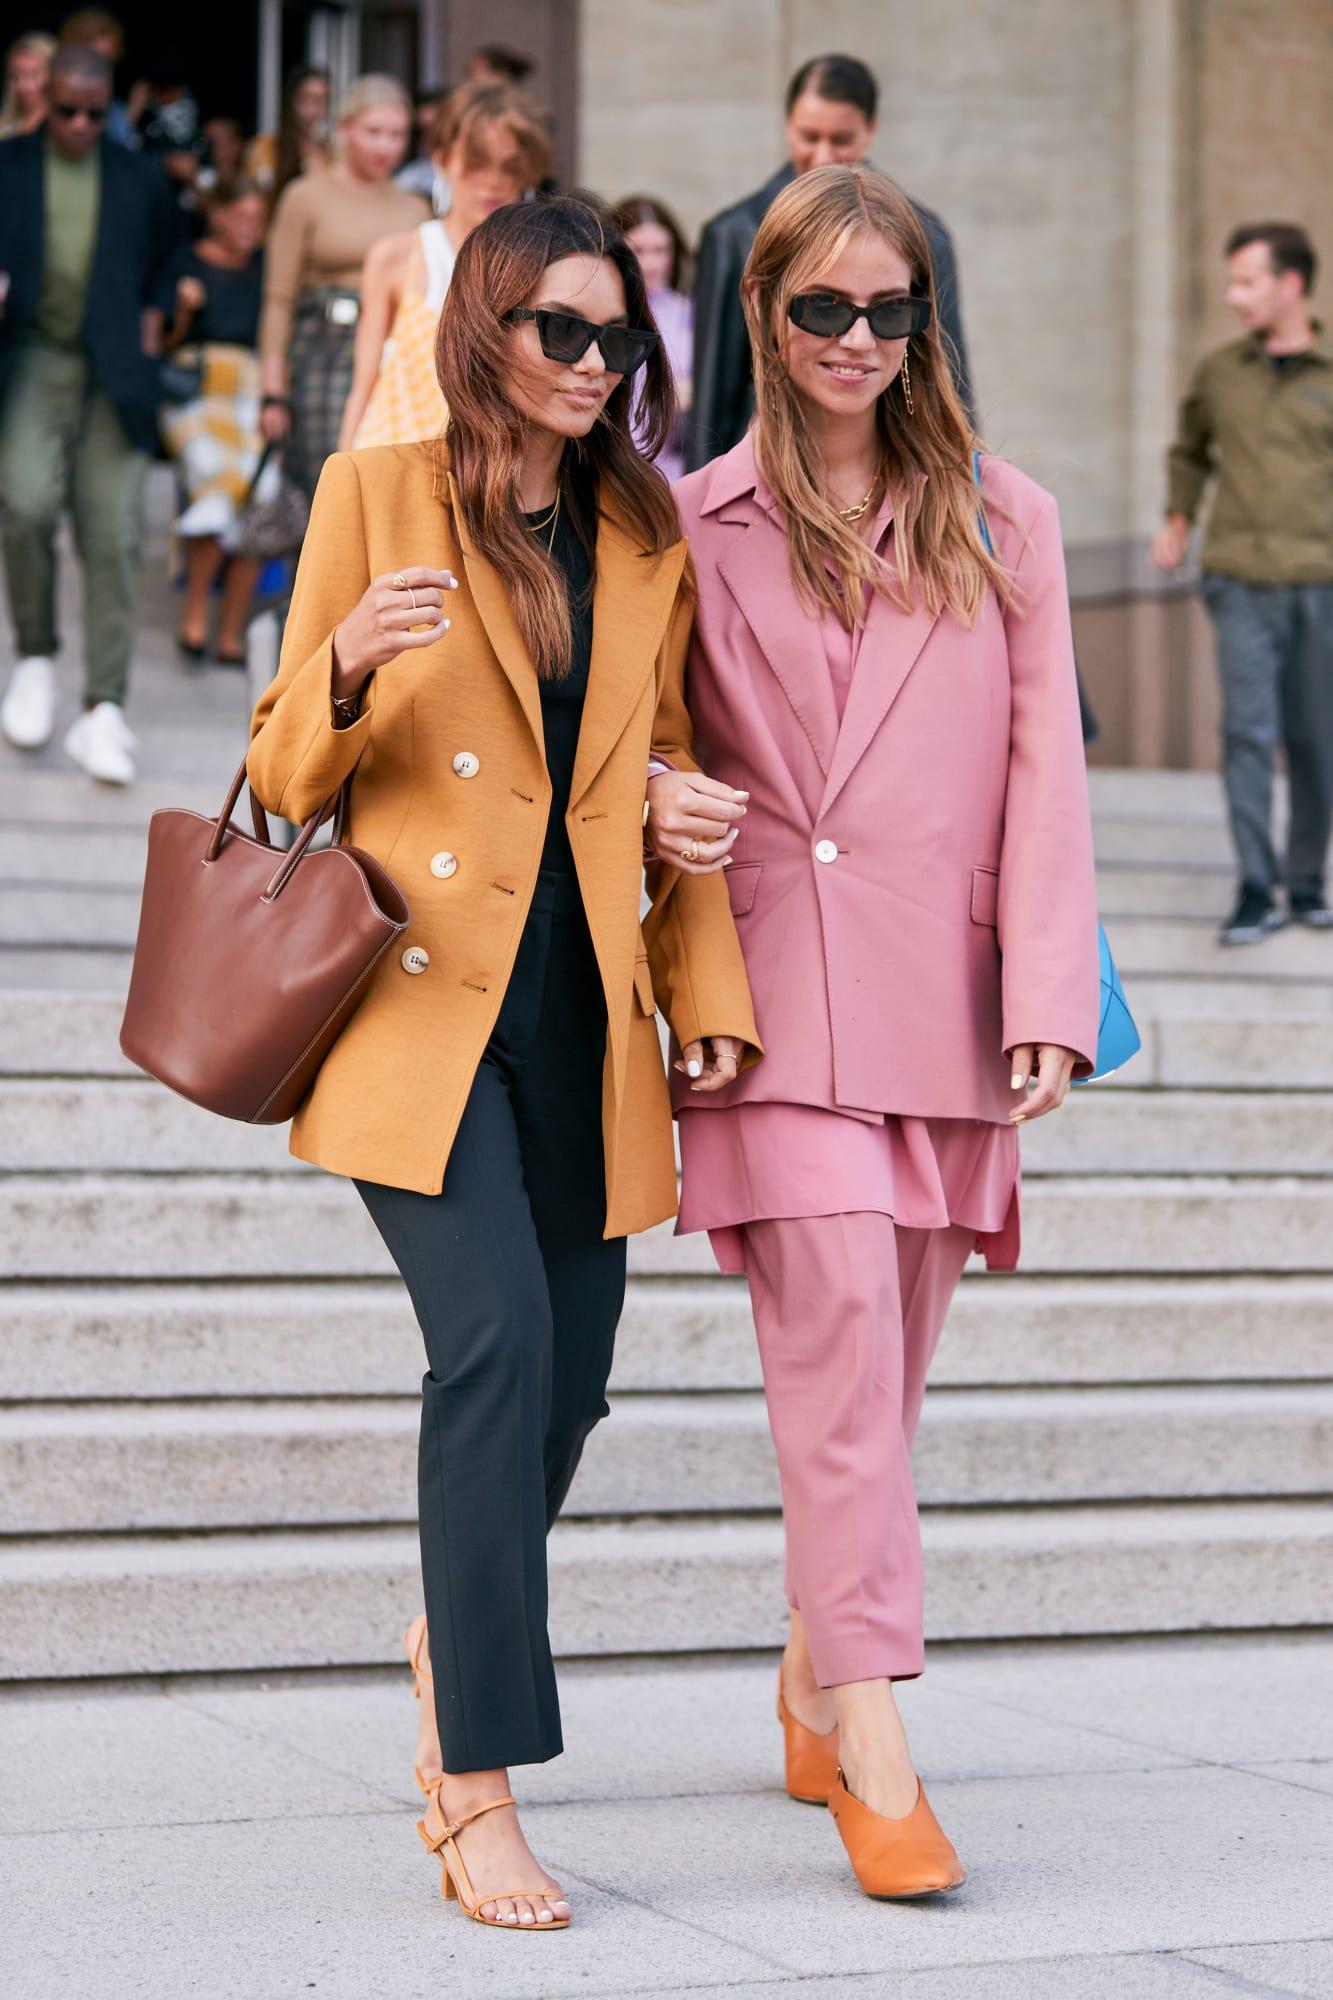 Úgy tűnik, a rózsaszín és a sárga még egy darabig nem kopik ki a ruhatárunkból.<br />